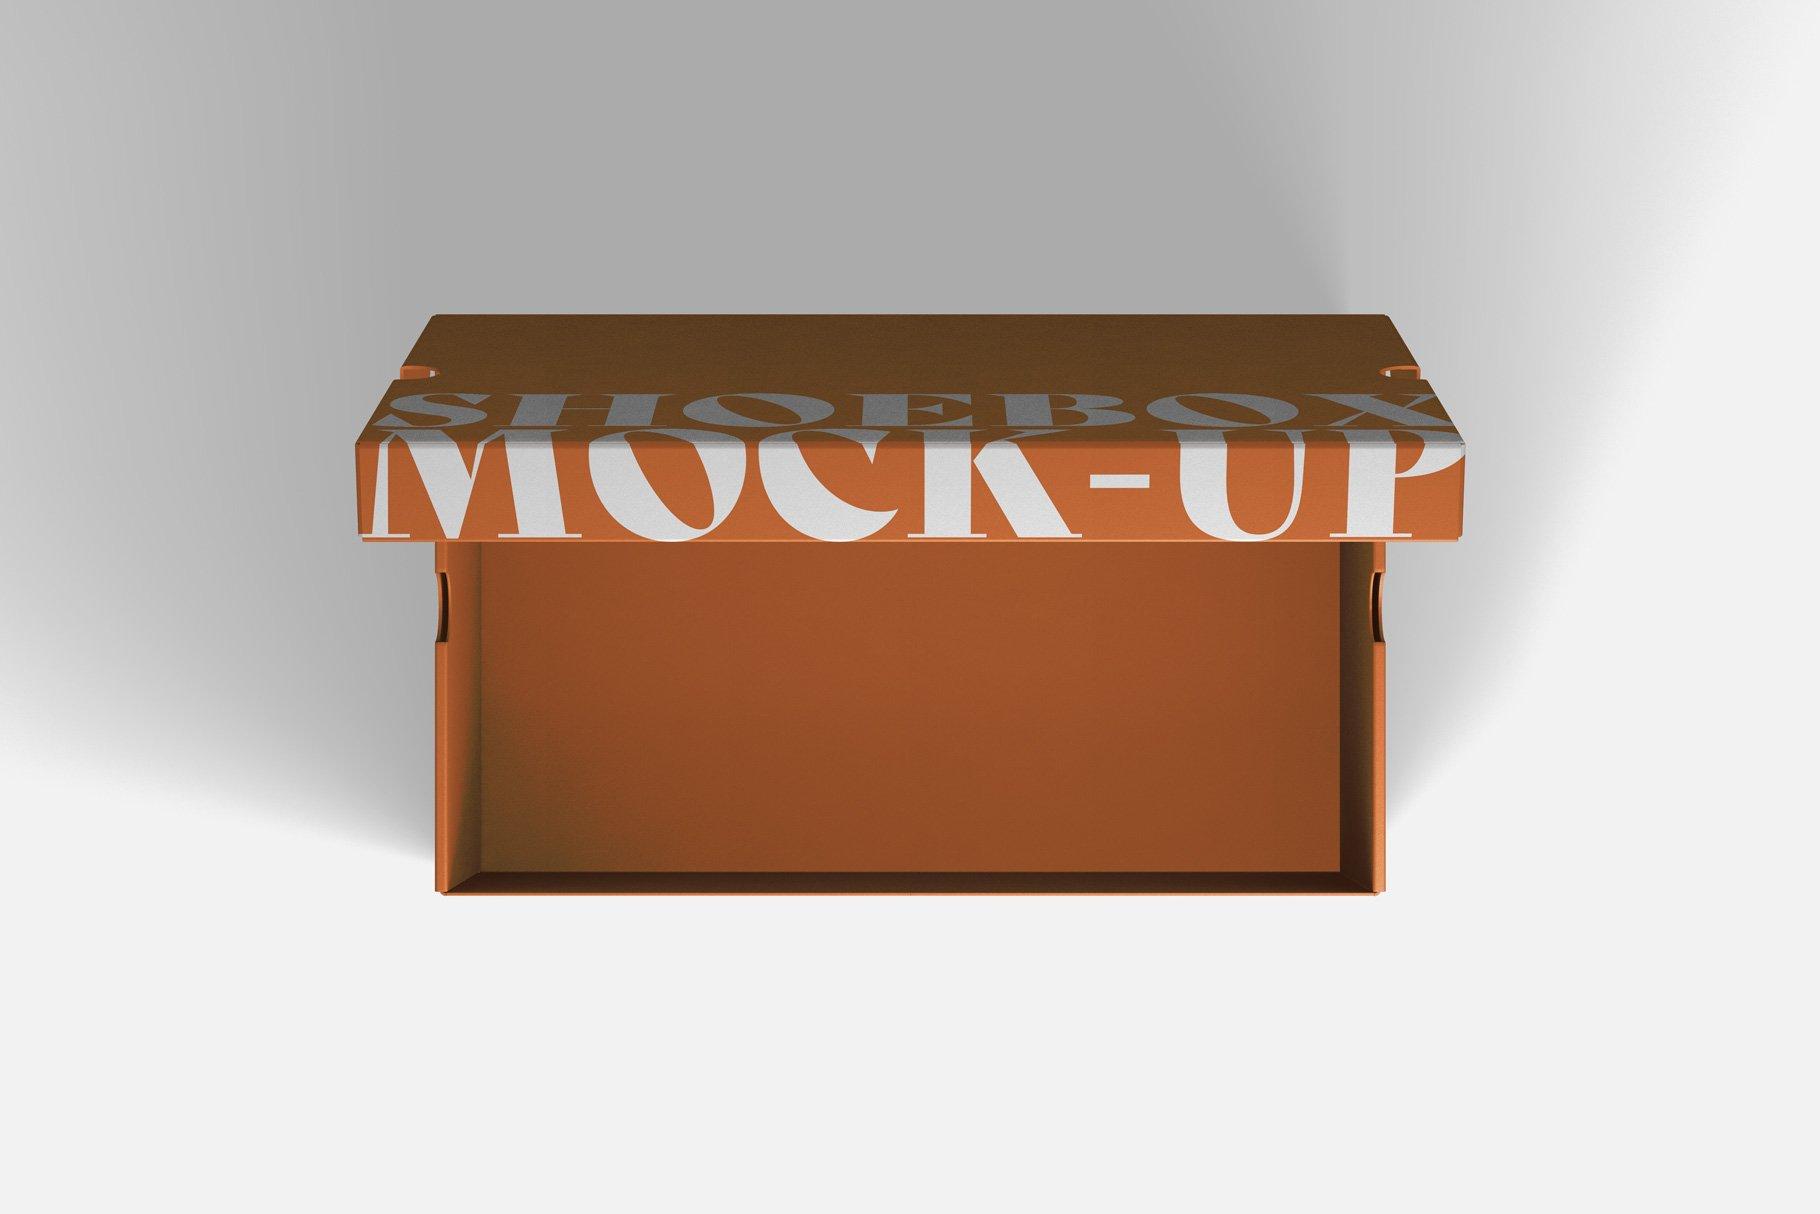 9款鞋盒包装纸盒设计展示样机 Shoe Box Mockup插图3